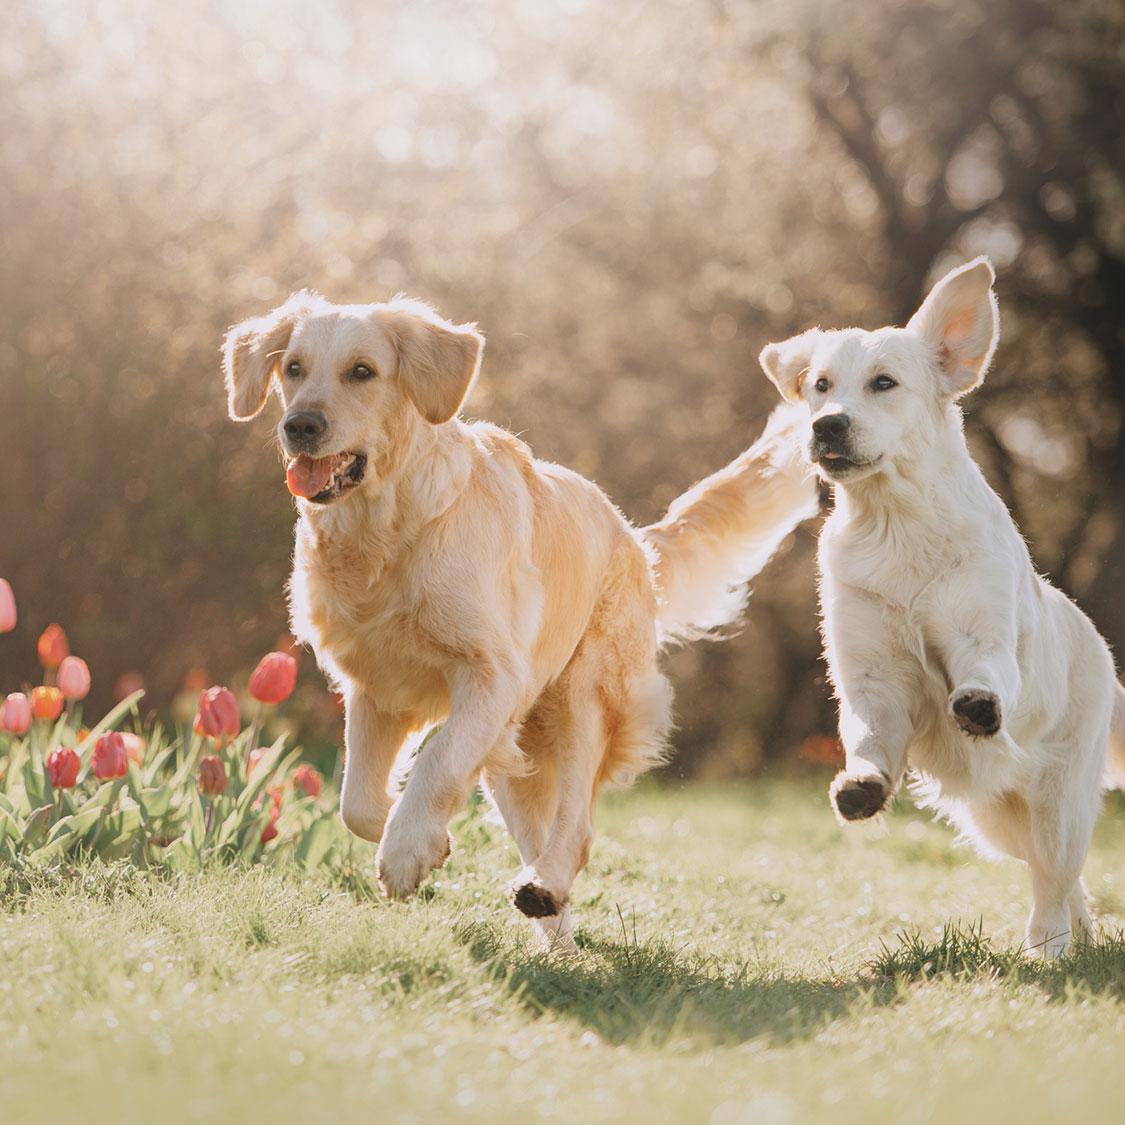 계절별 주의해야 하는 강아지의 질병과 예방법